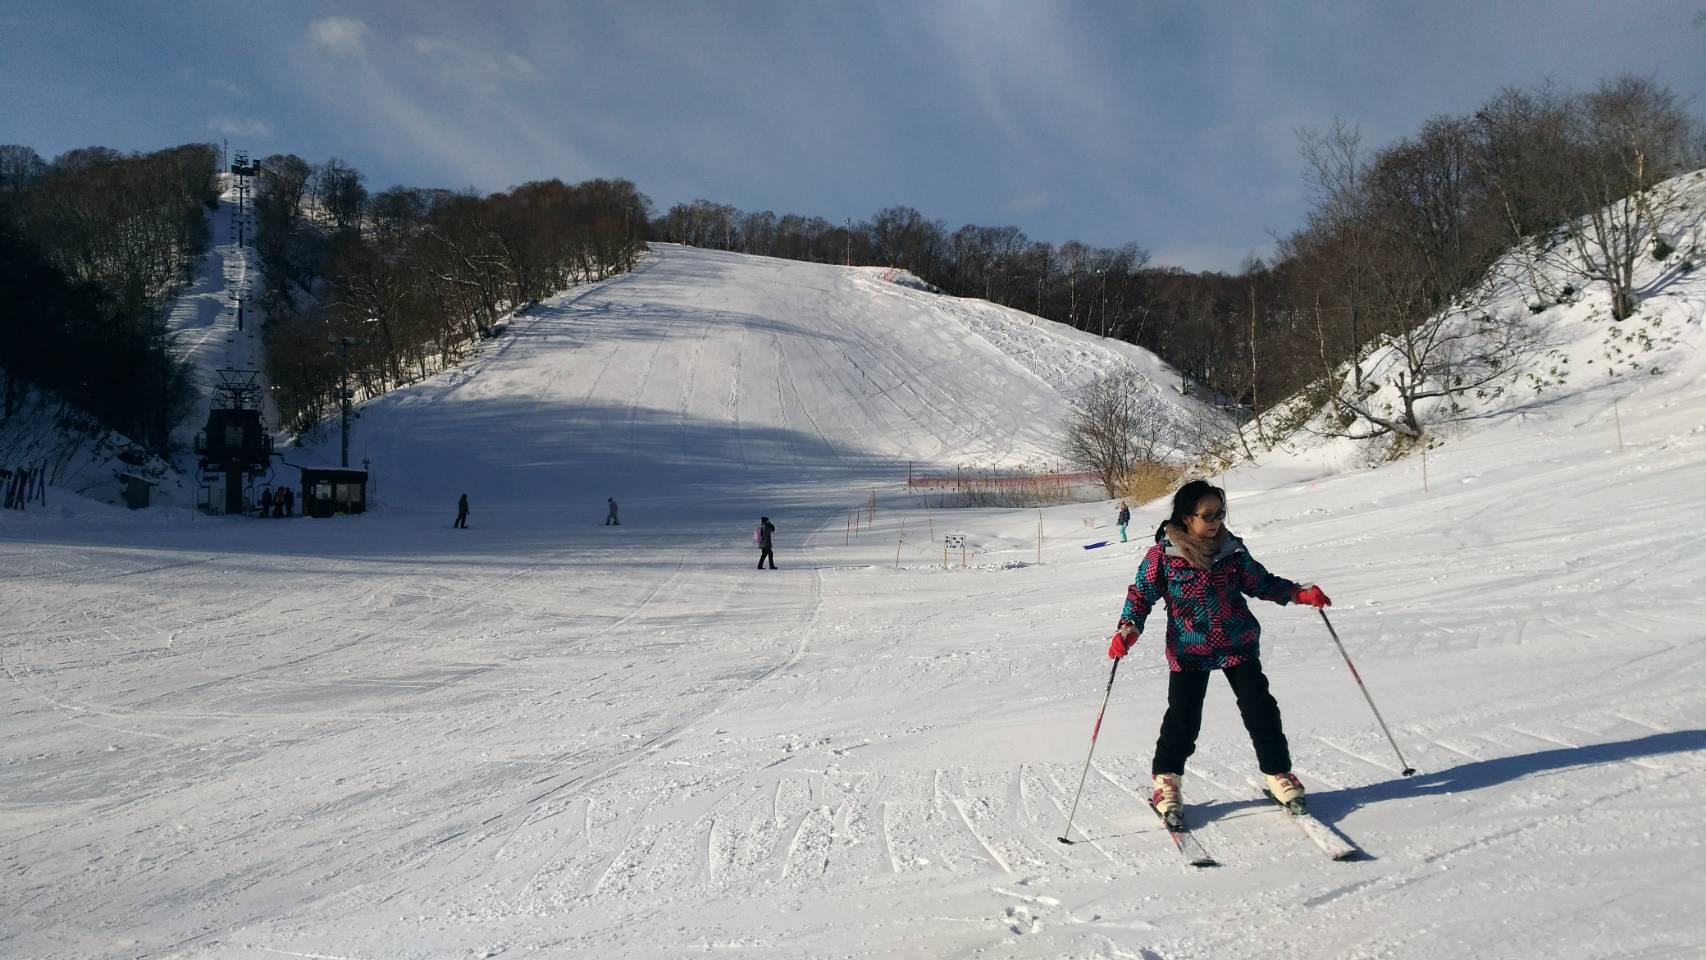 スキー初心者の服装選び。必要な物と選び方のポイント